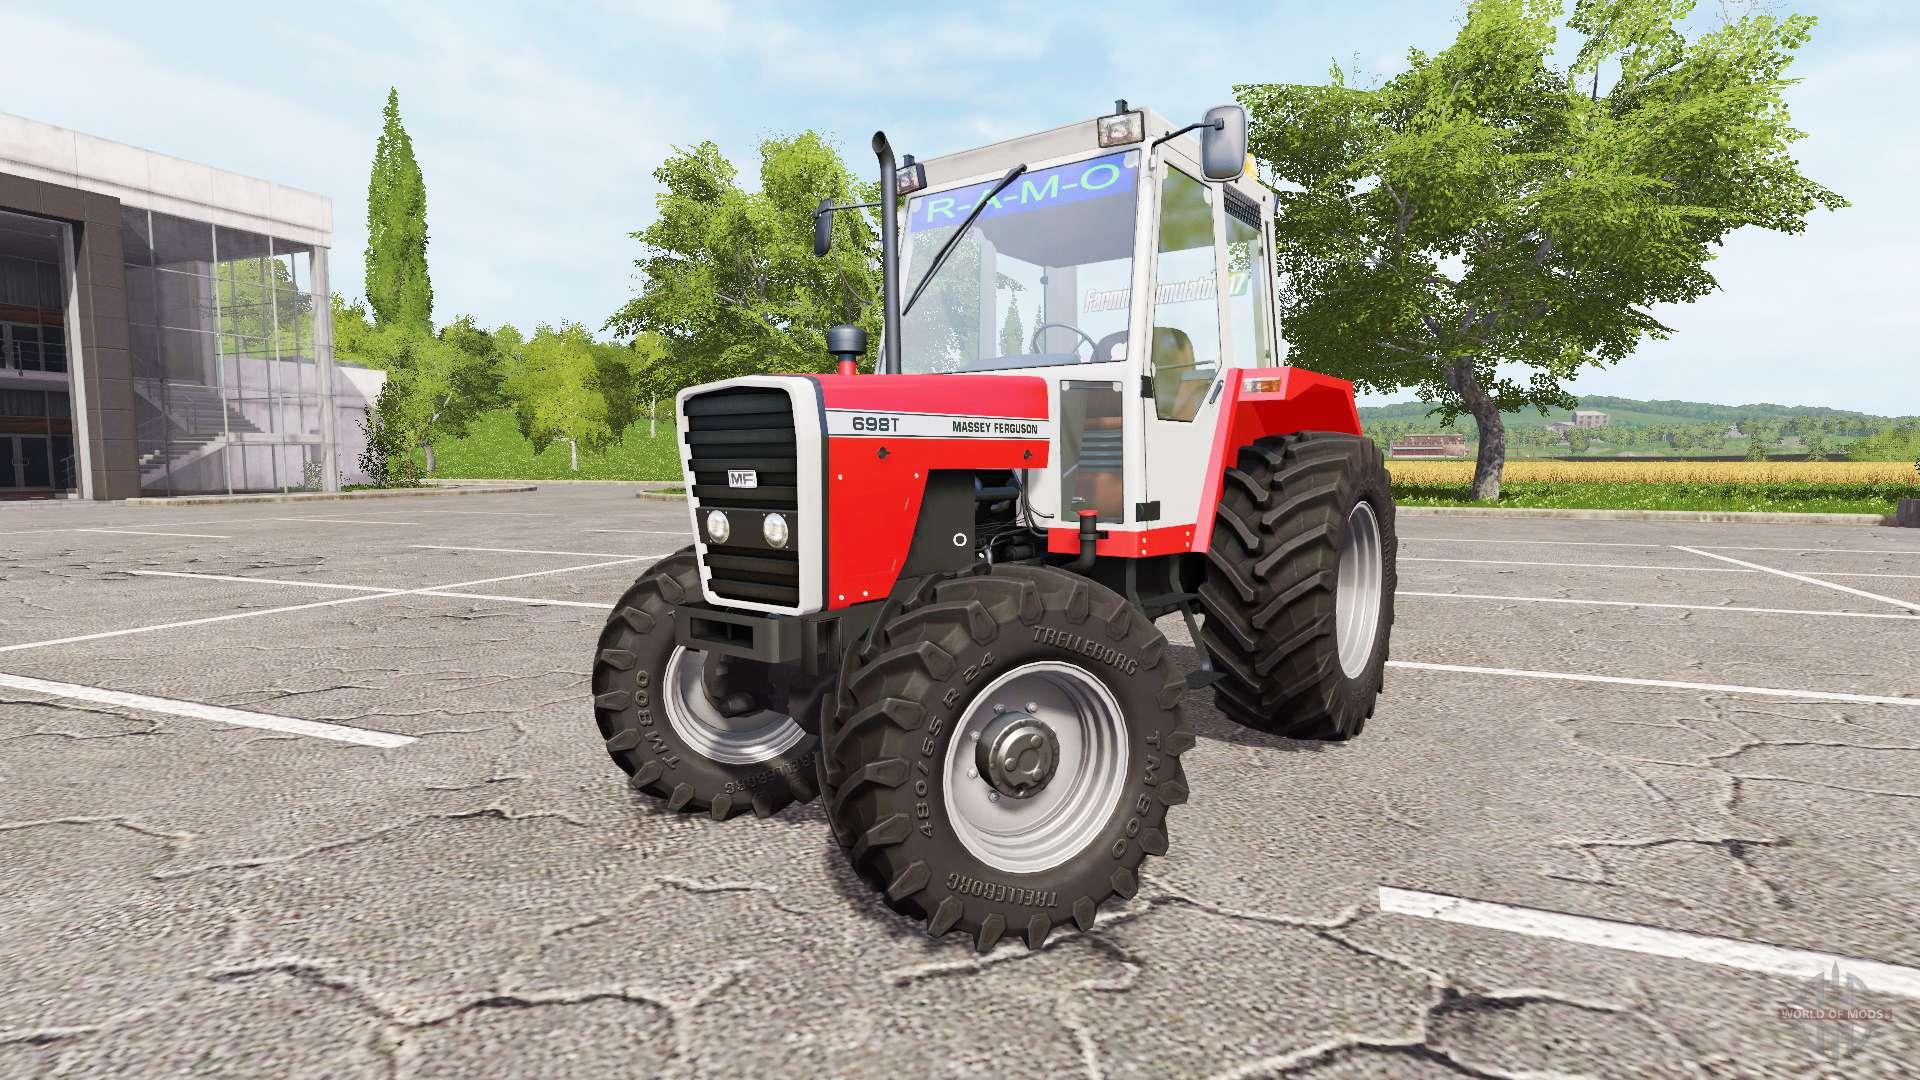 2017 Massey Ferguson 1739e Tractor – Desenhos Para Colorir